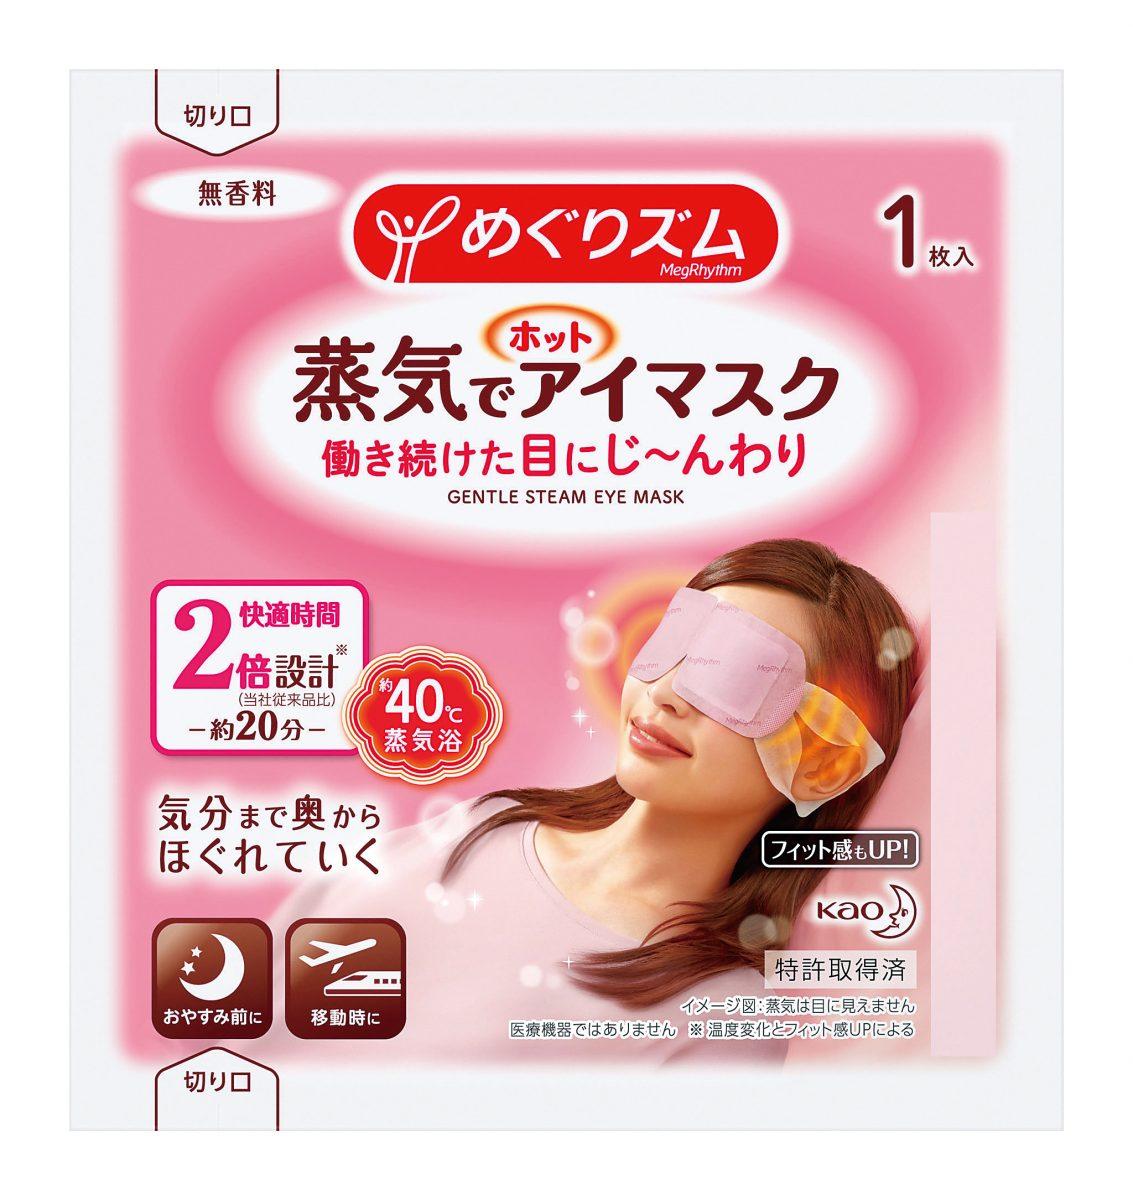 めぐりズム蒸気でホットアイマスク(無香料)